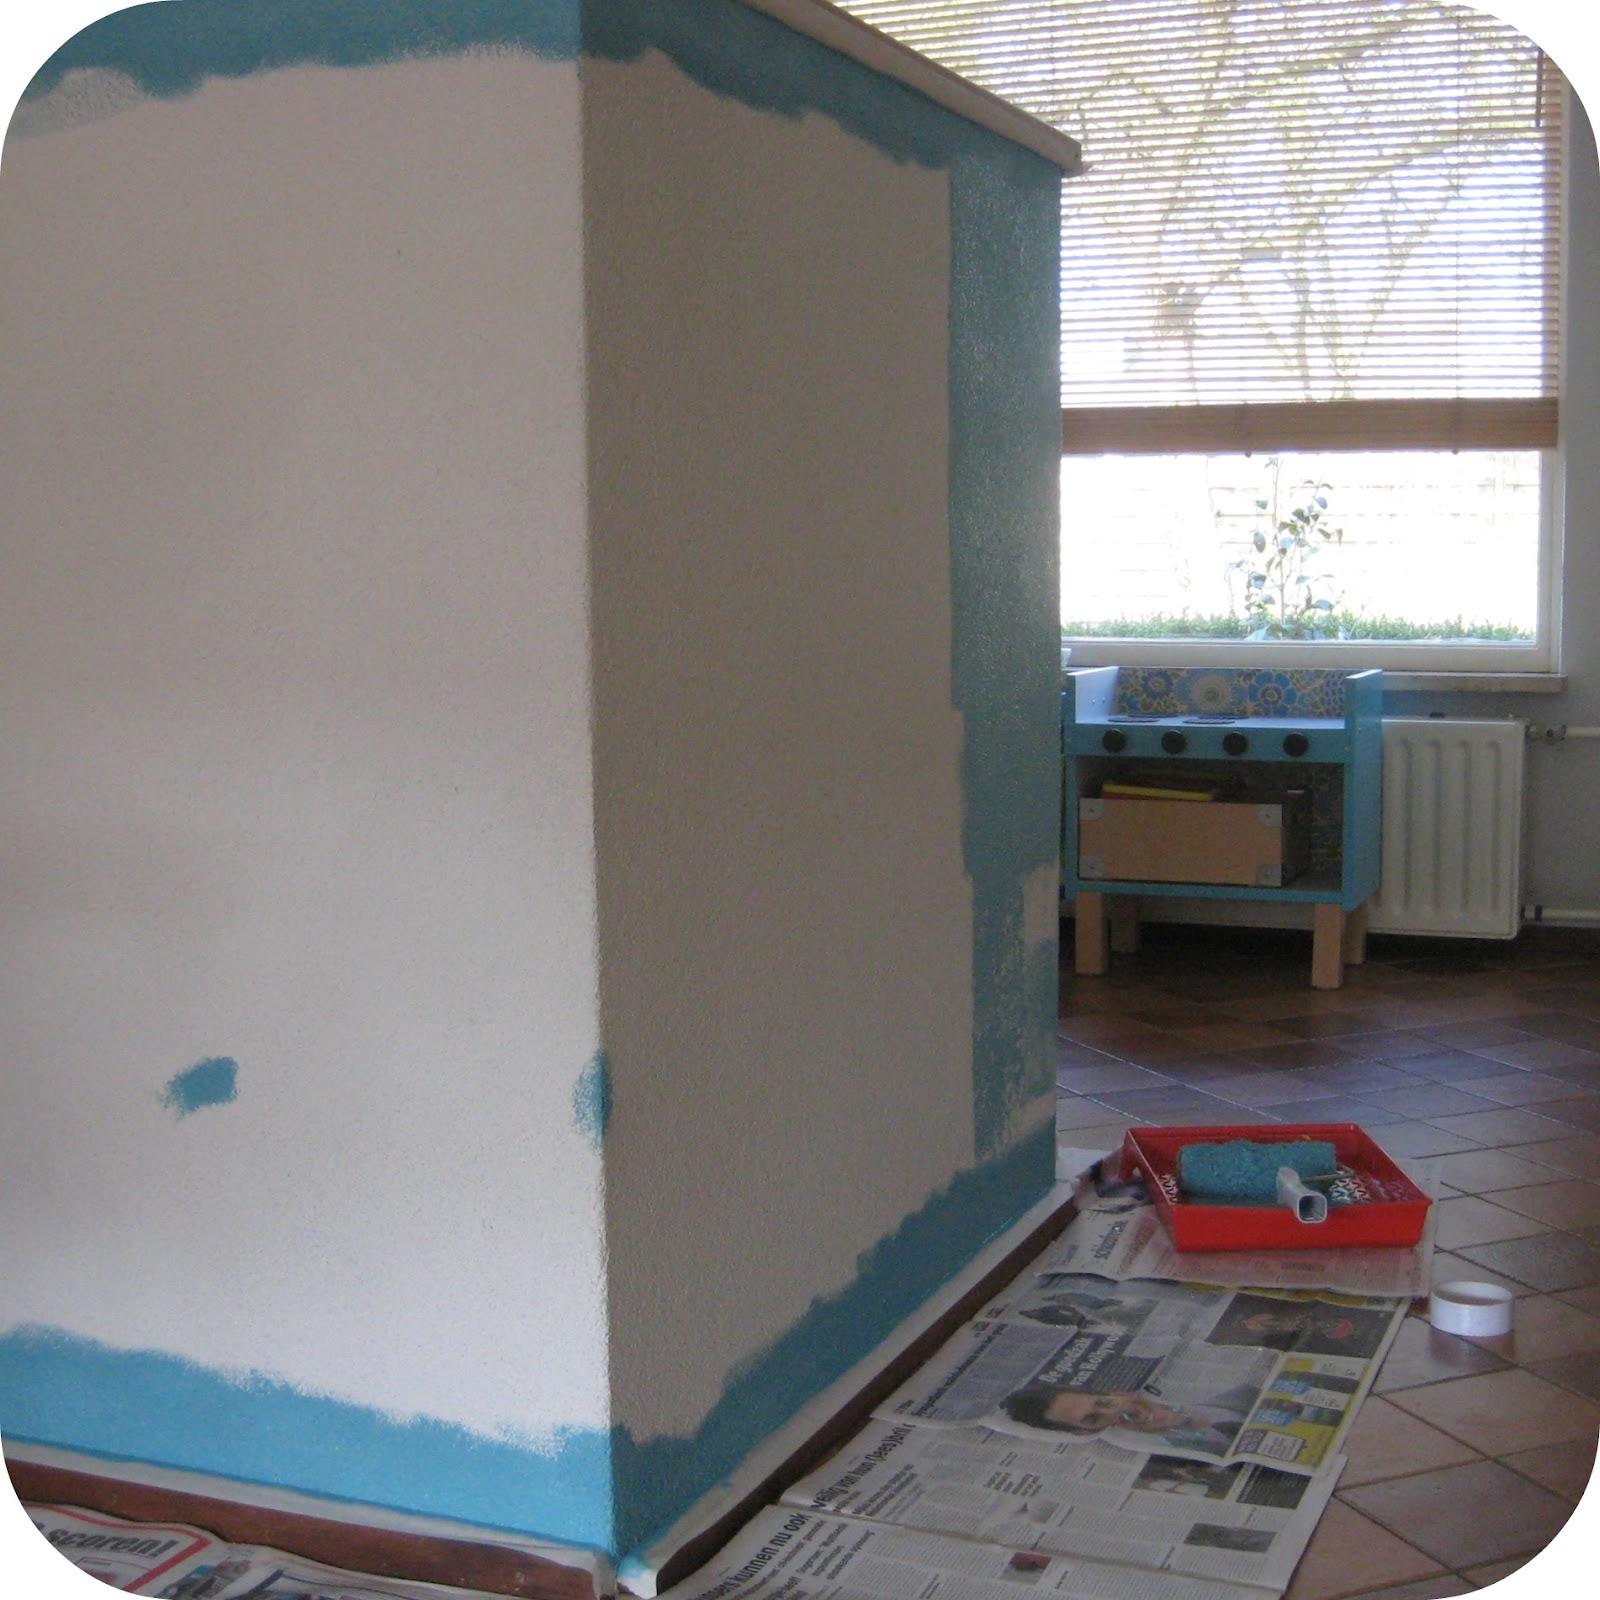 Blauw roze kleuren Muur ontwerp